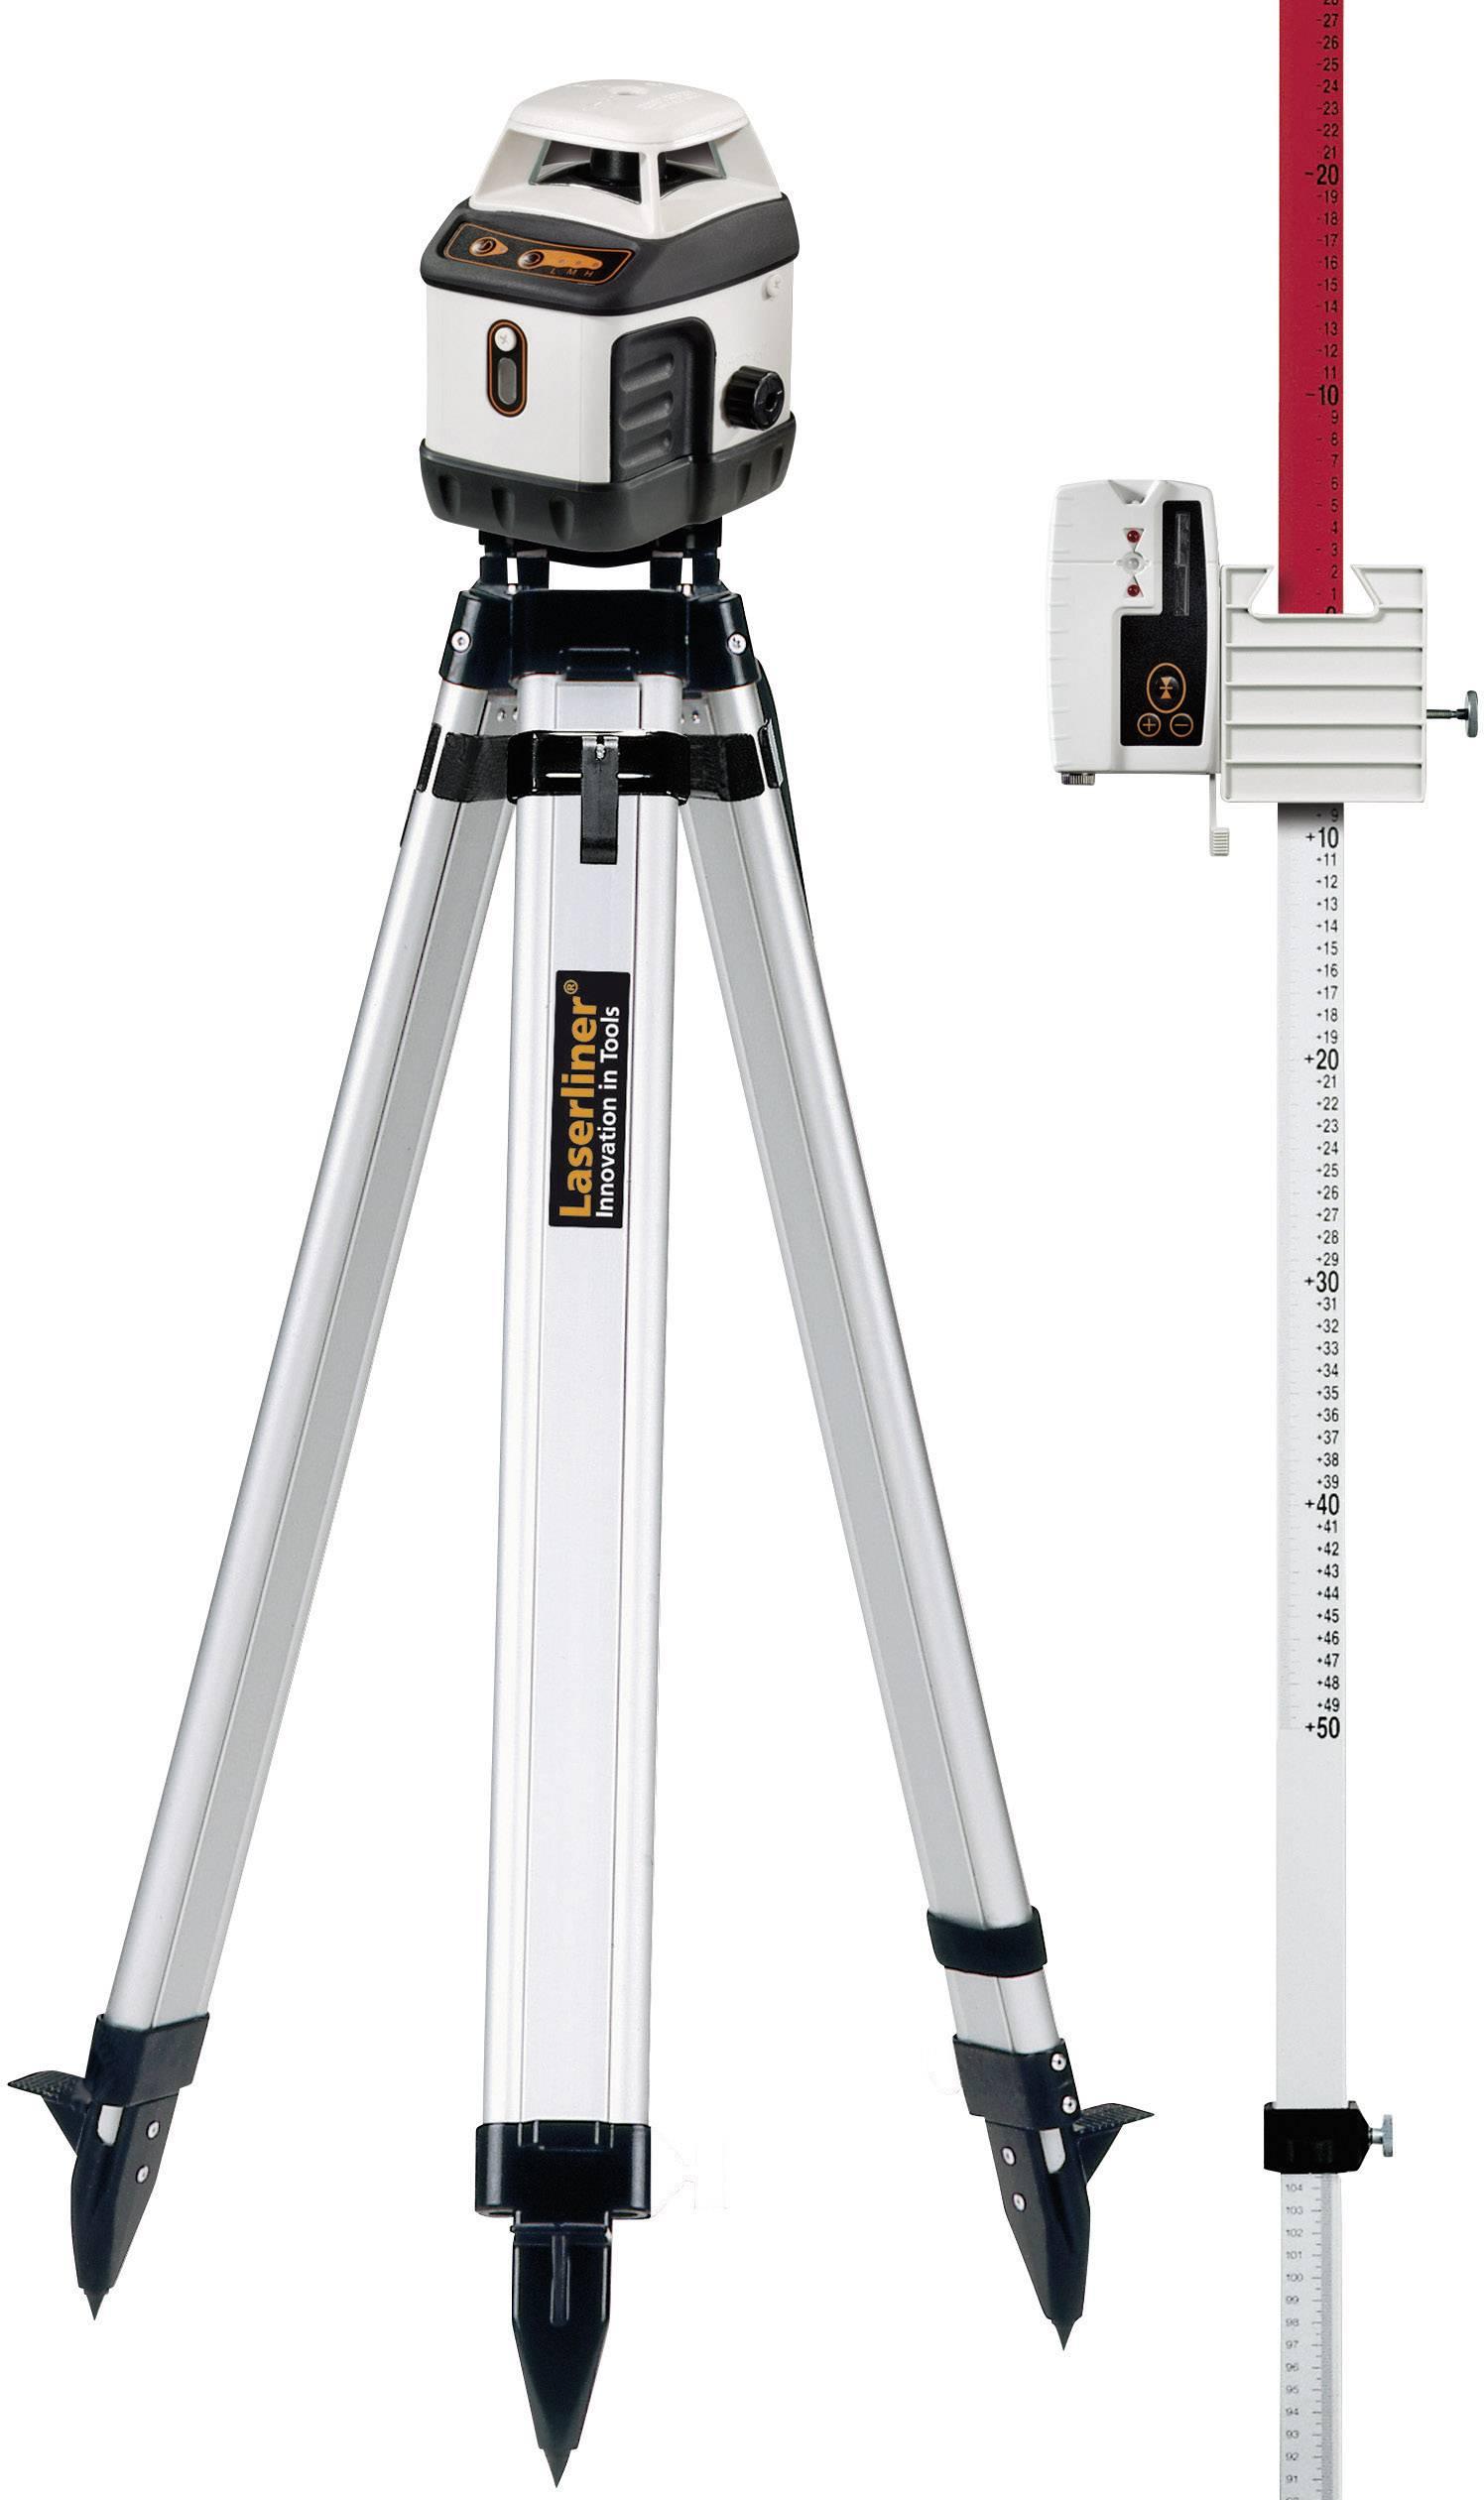 Rotační laser samonivelační, vč. stativu Laserliner AquaPro 120, kalibrováno dle ISO